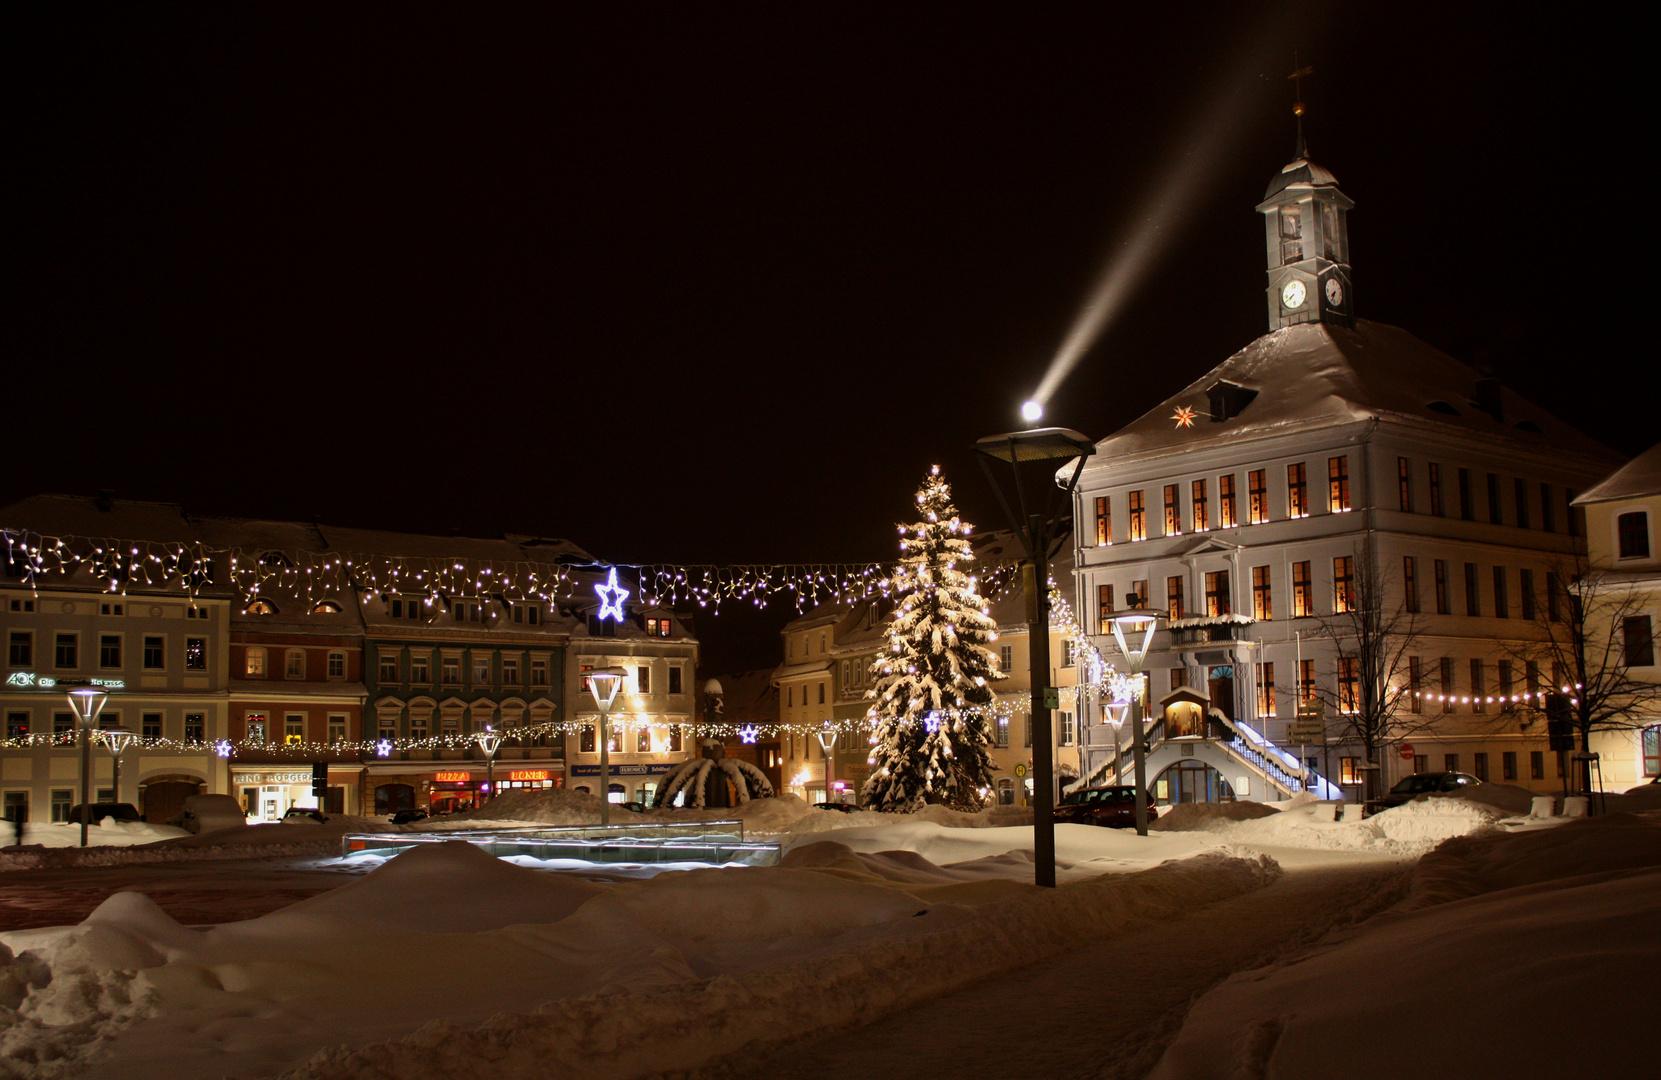 Winternacht in Bischofswerda